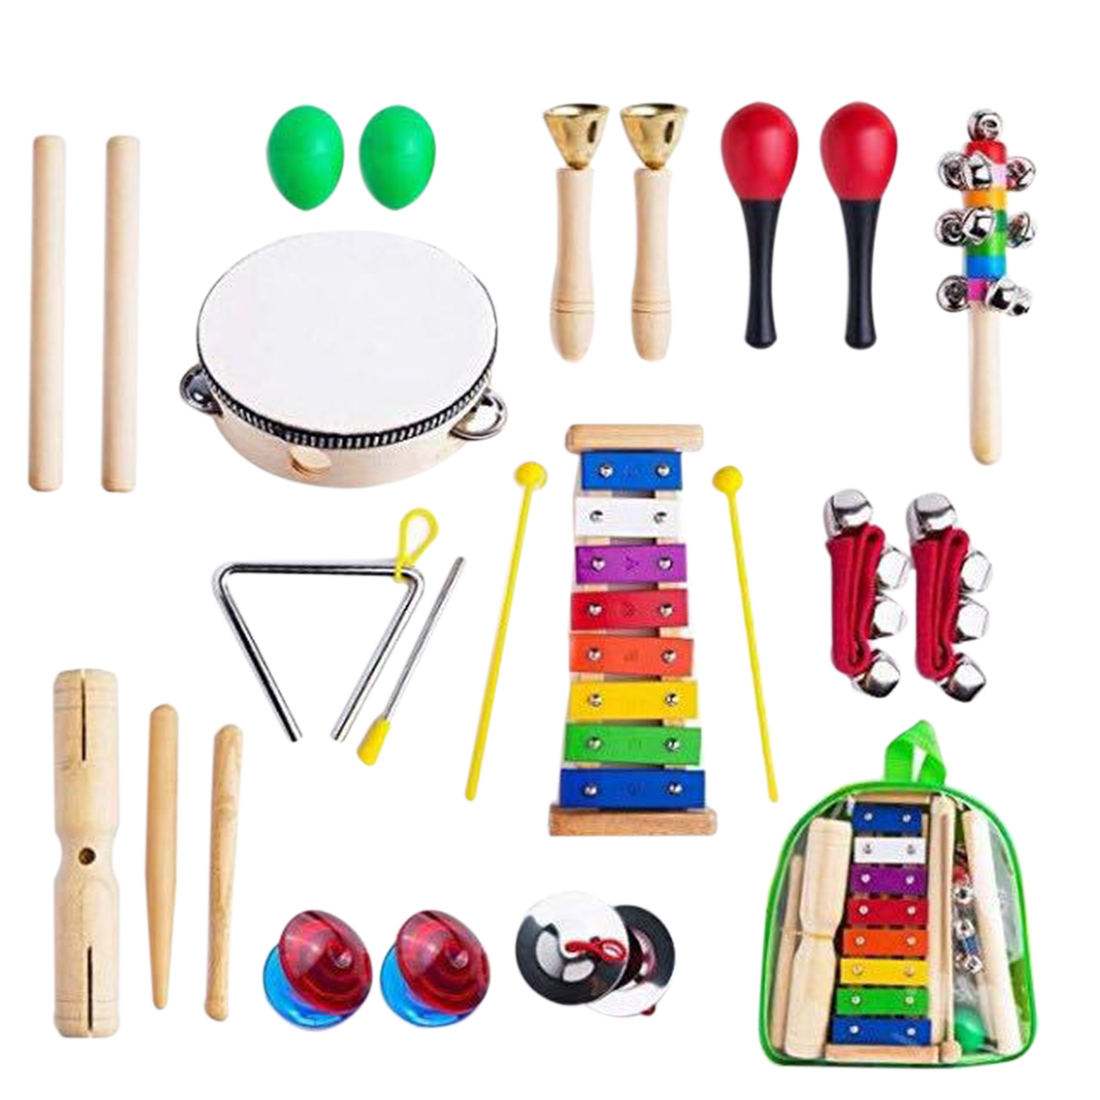 24Pcs Crianças Cedo Educacional Instrumento Musical Brinquedos Carl para Kits de Instrumentos Musicais Conjunto para Crianças Aprendizagem de Música